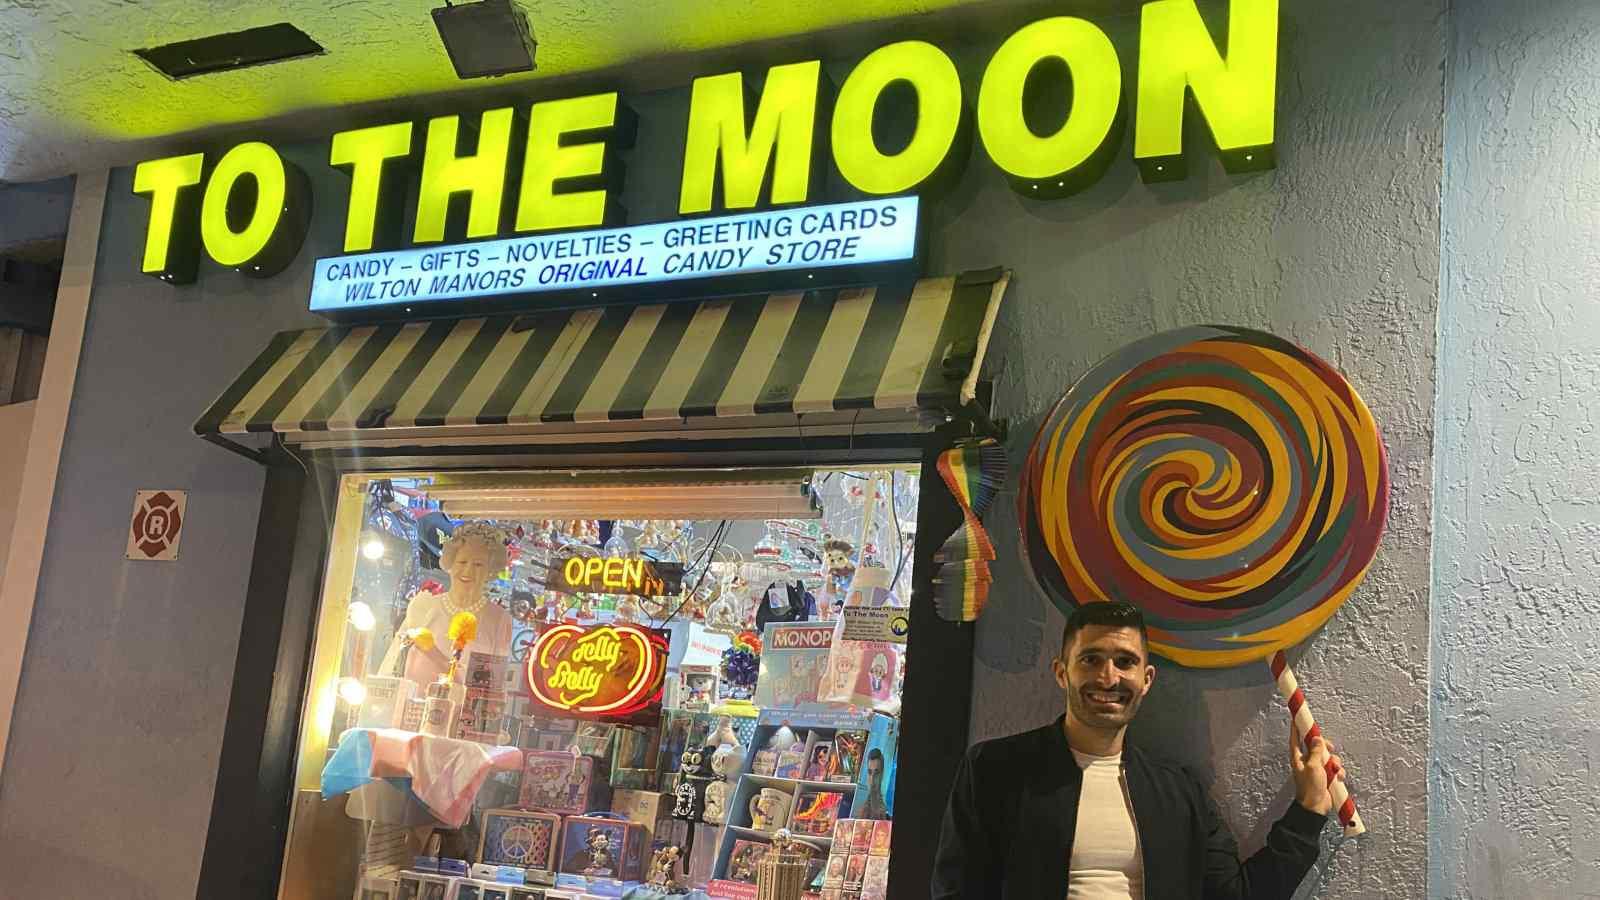 Fort Lauderdale é o lar de ótimas lojas gays, incluindo a peculiar To The Moon, com algumas das lojas de lembranças mais engraçadas que já visitamos